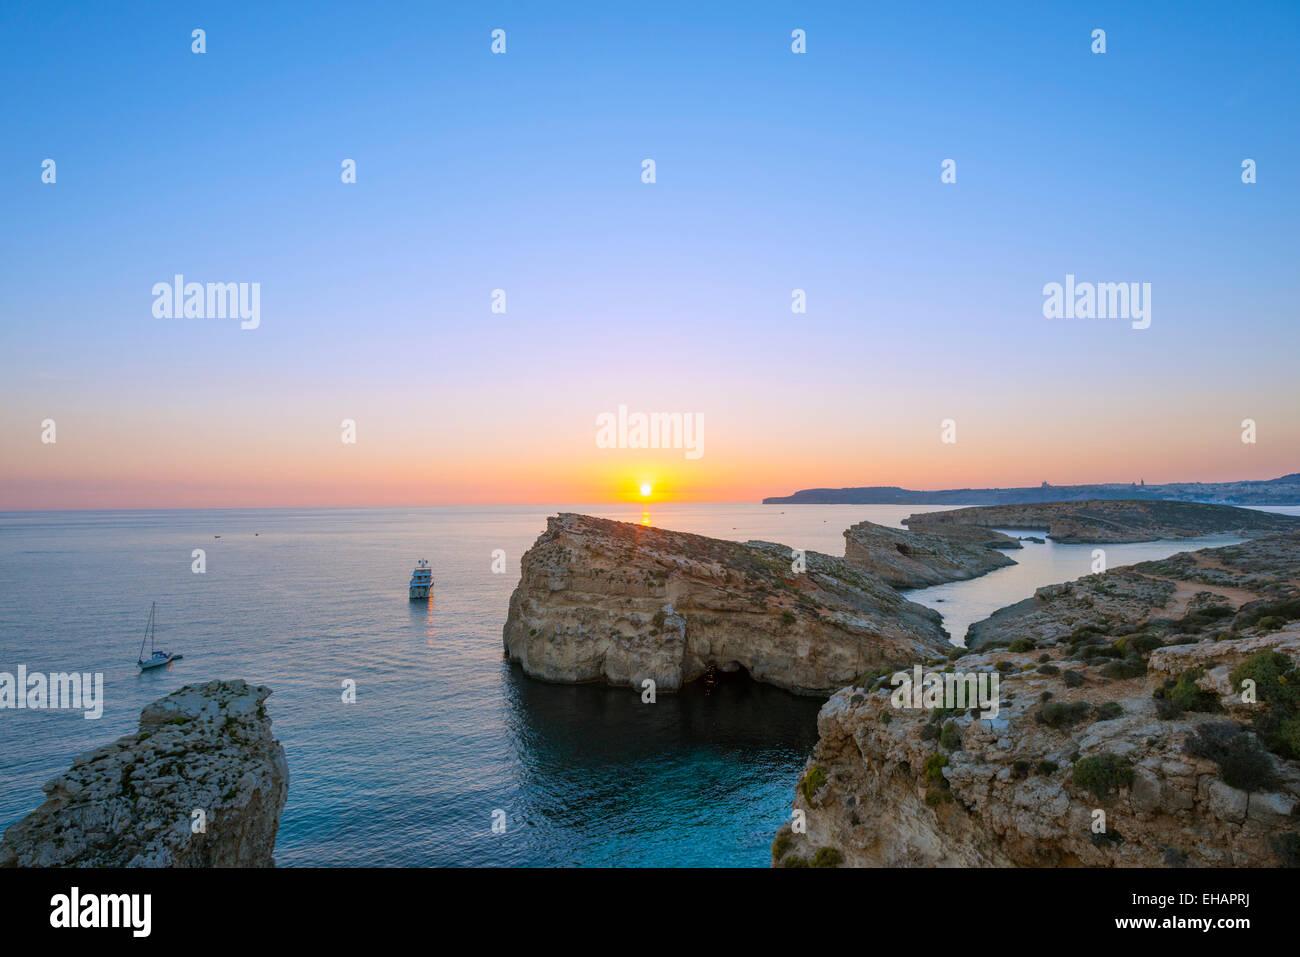 L'Europe méditerranéenne, Malte, l'île de Comino, coucher du soleil Photo Stock